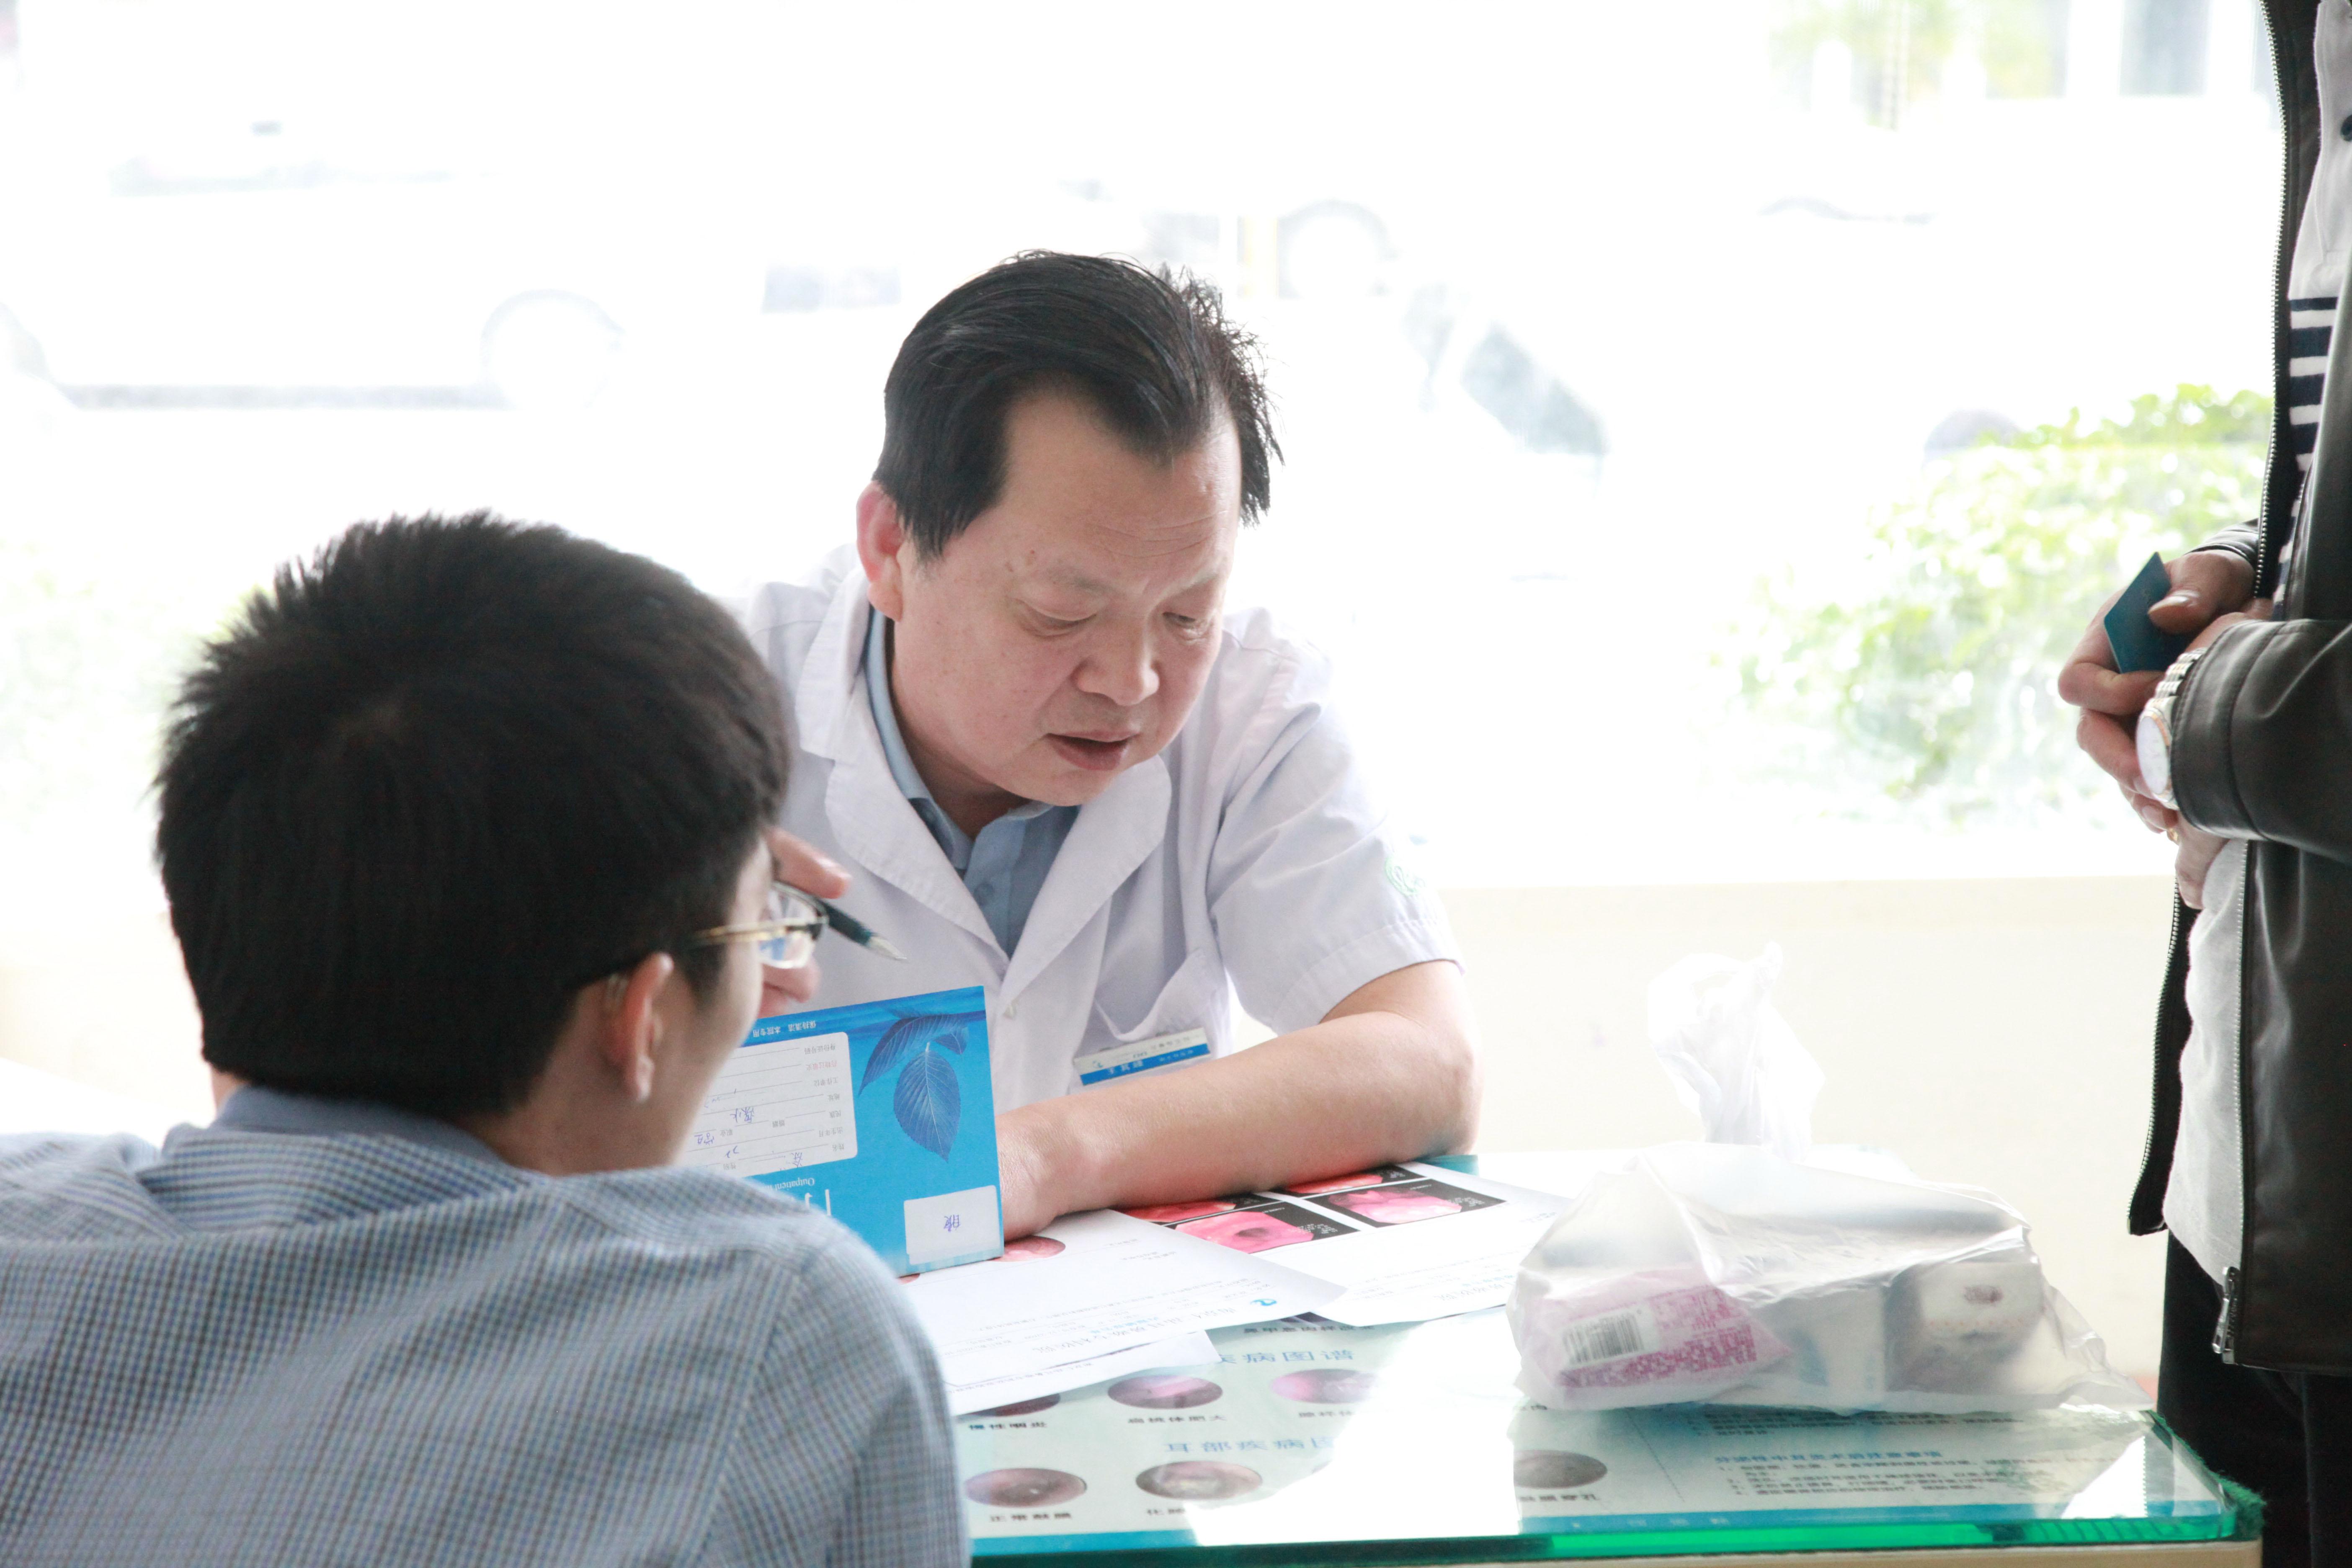 南京仁品耳鼻喉医院王其峰主任为患者涂欢分析检查报告